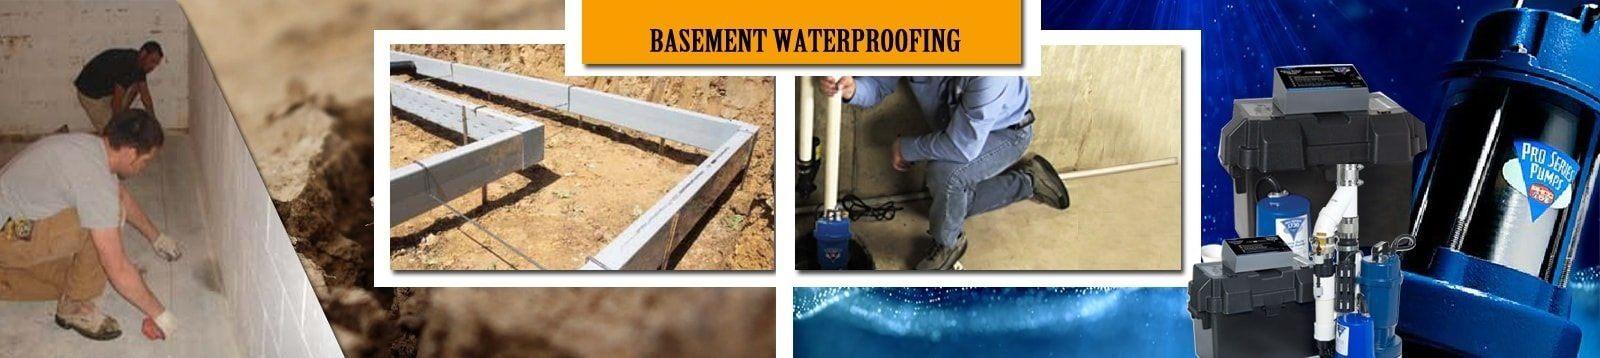 basement waterproofing services in Eastern Nebraska and Western Iowa